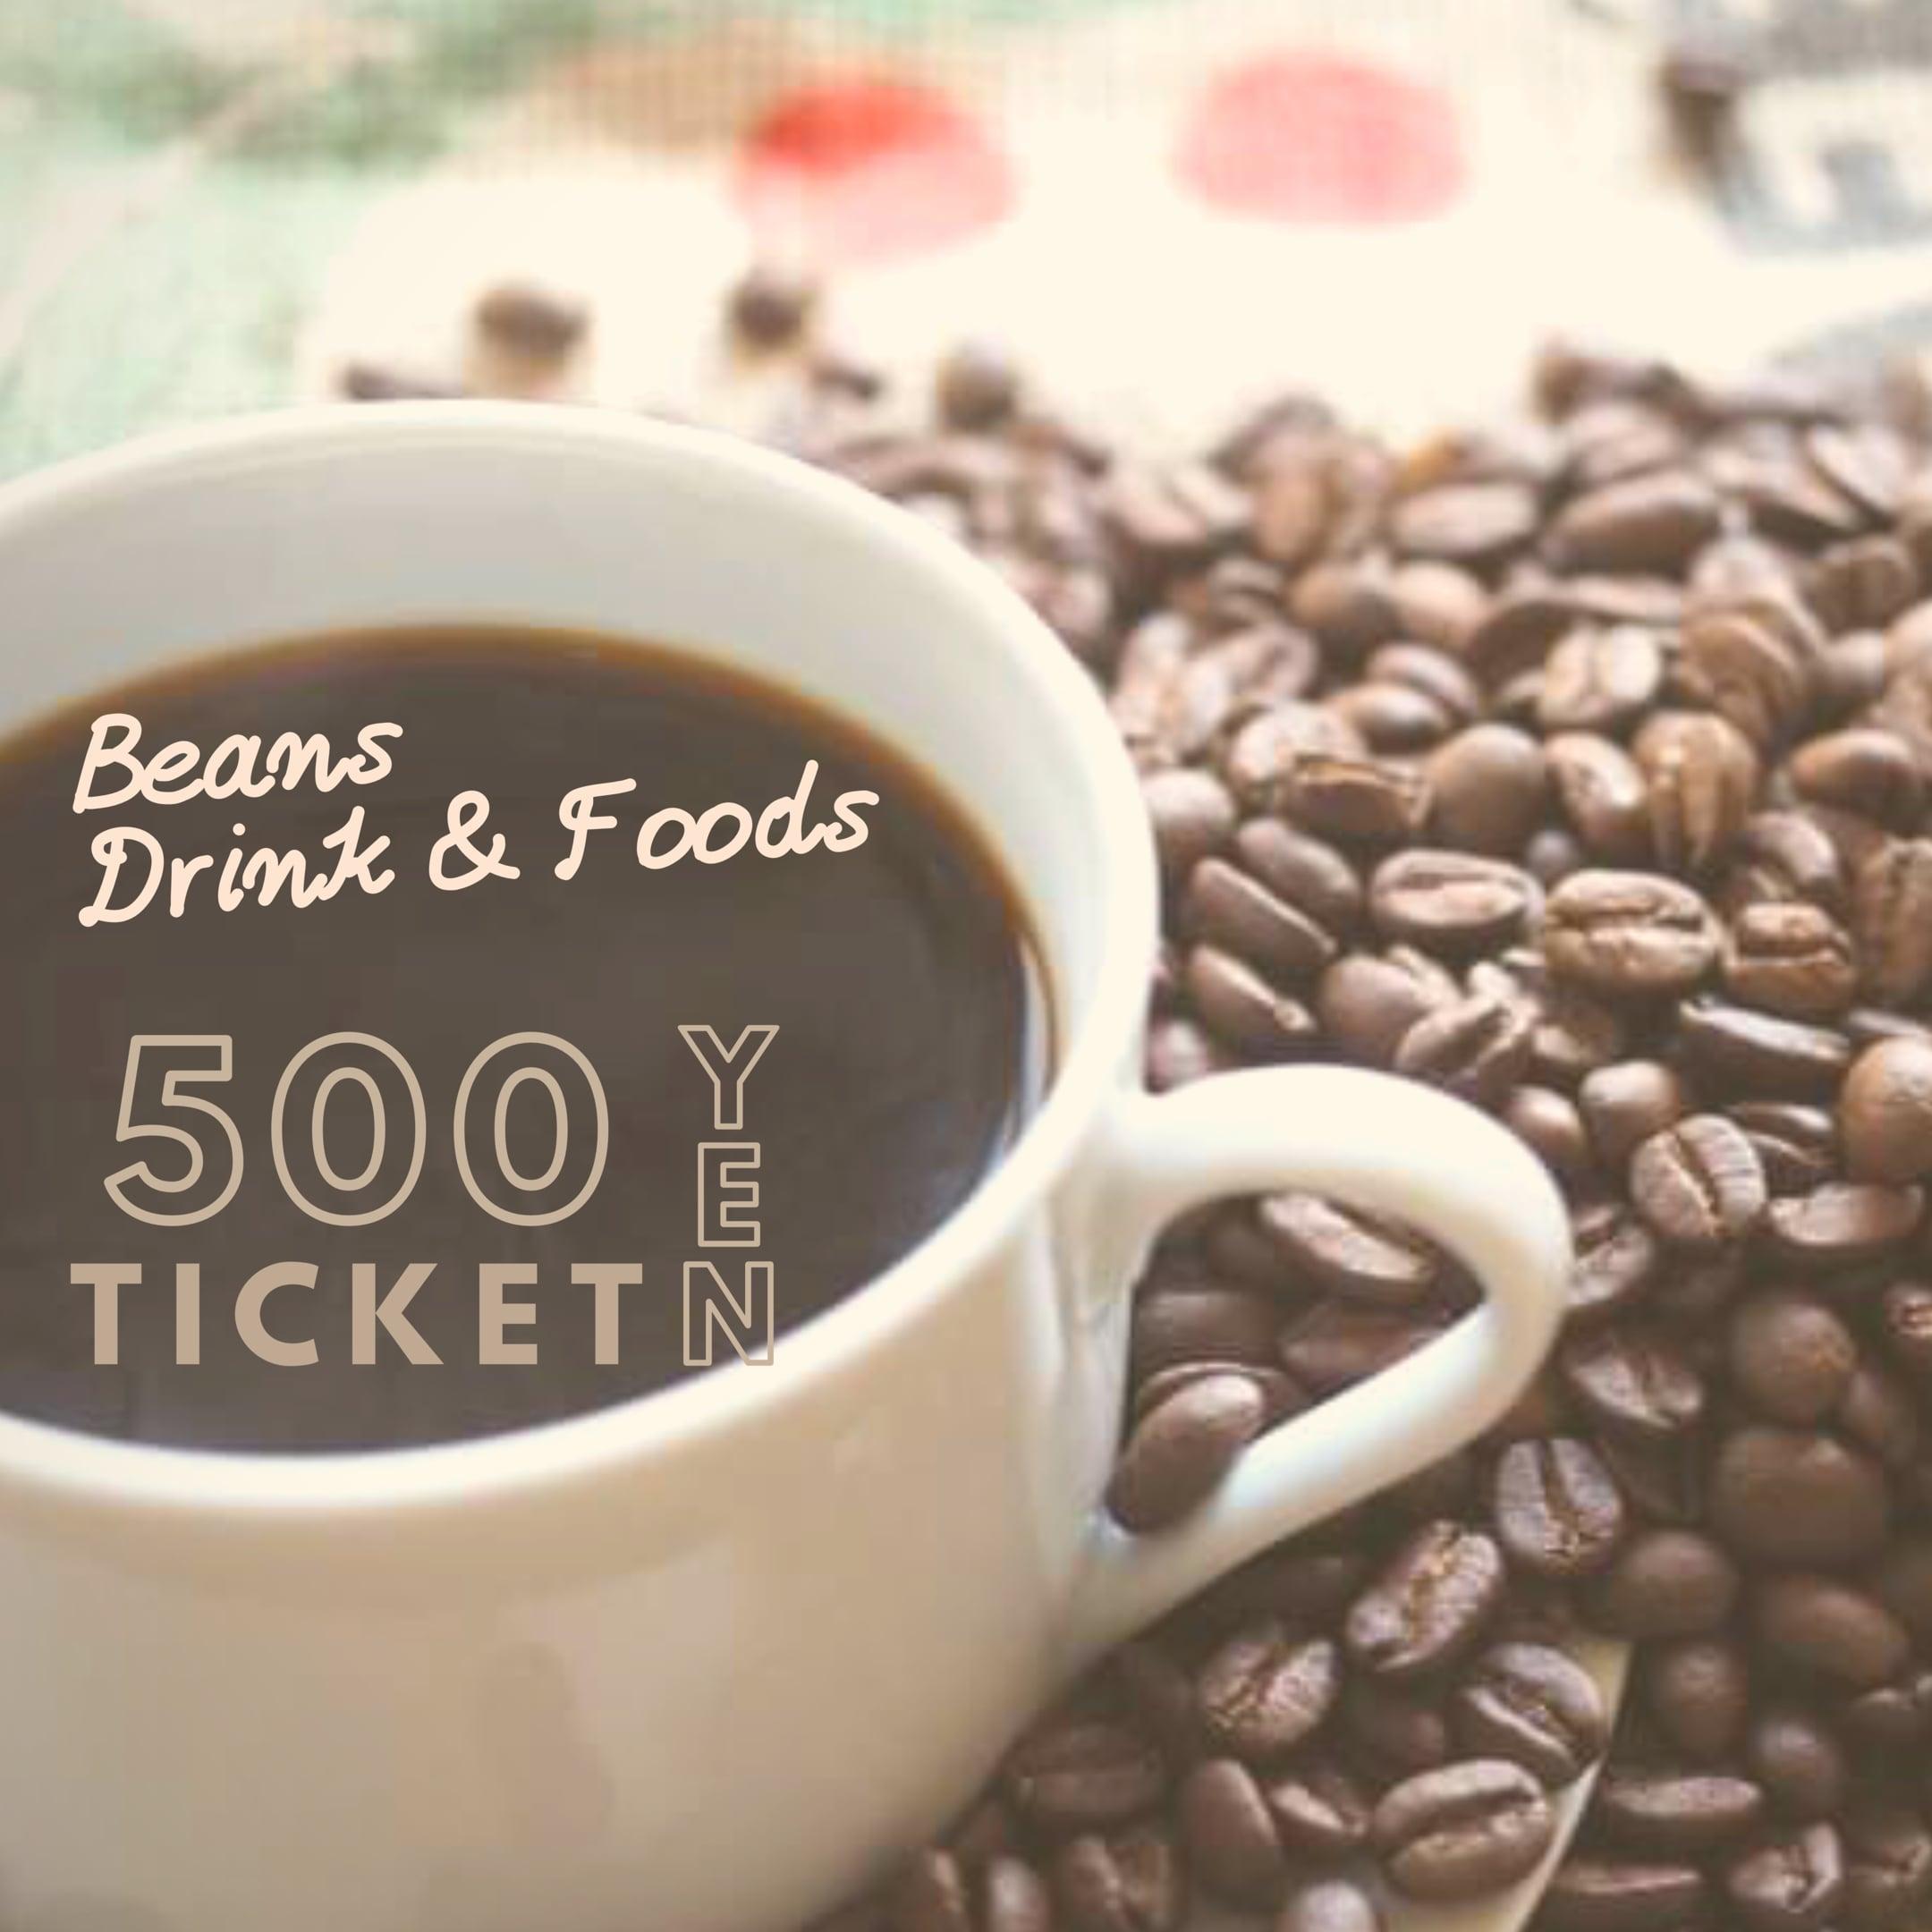 [現地払い可]500円チケット/コーヒー豆/ドリンク/フード専用のイメージその1